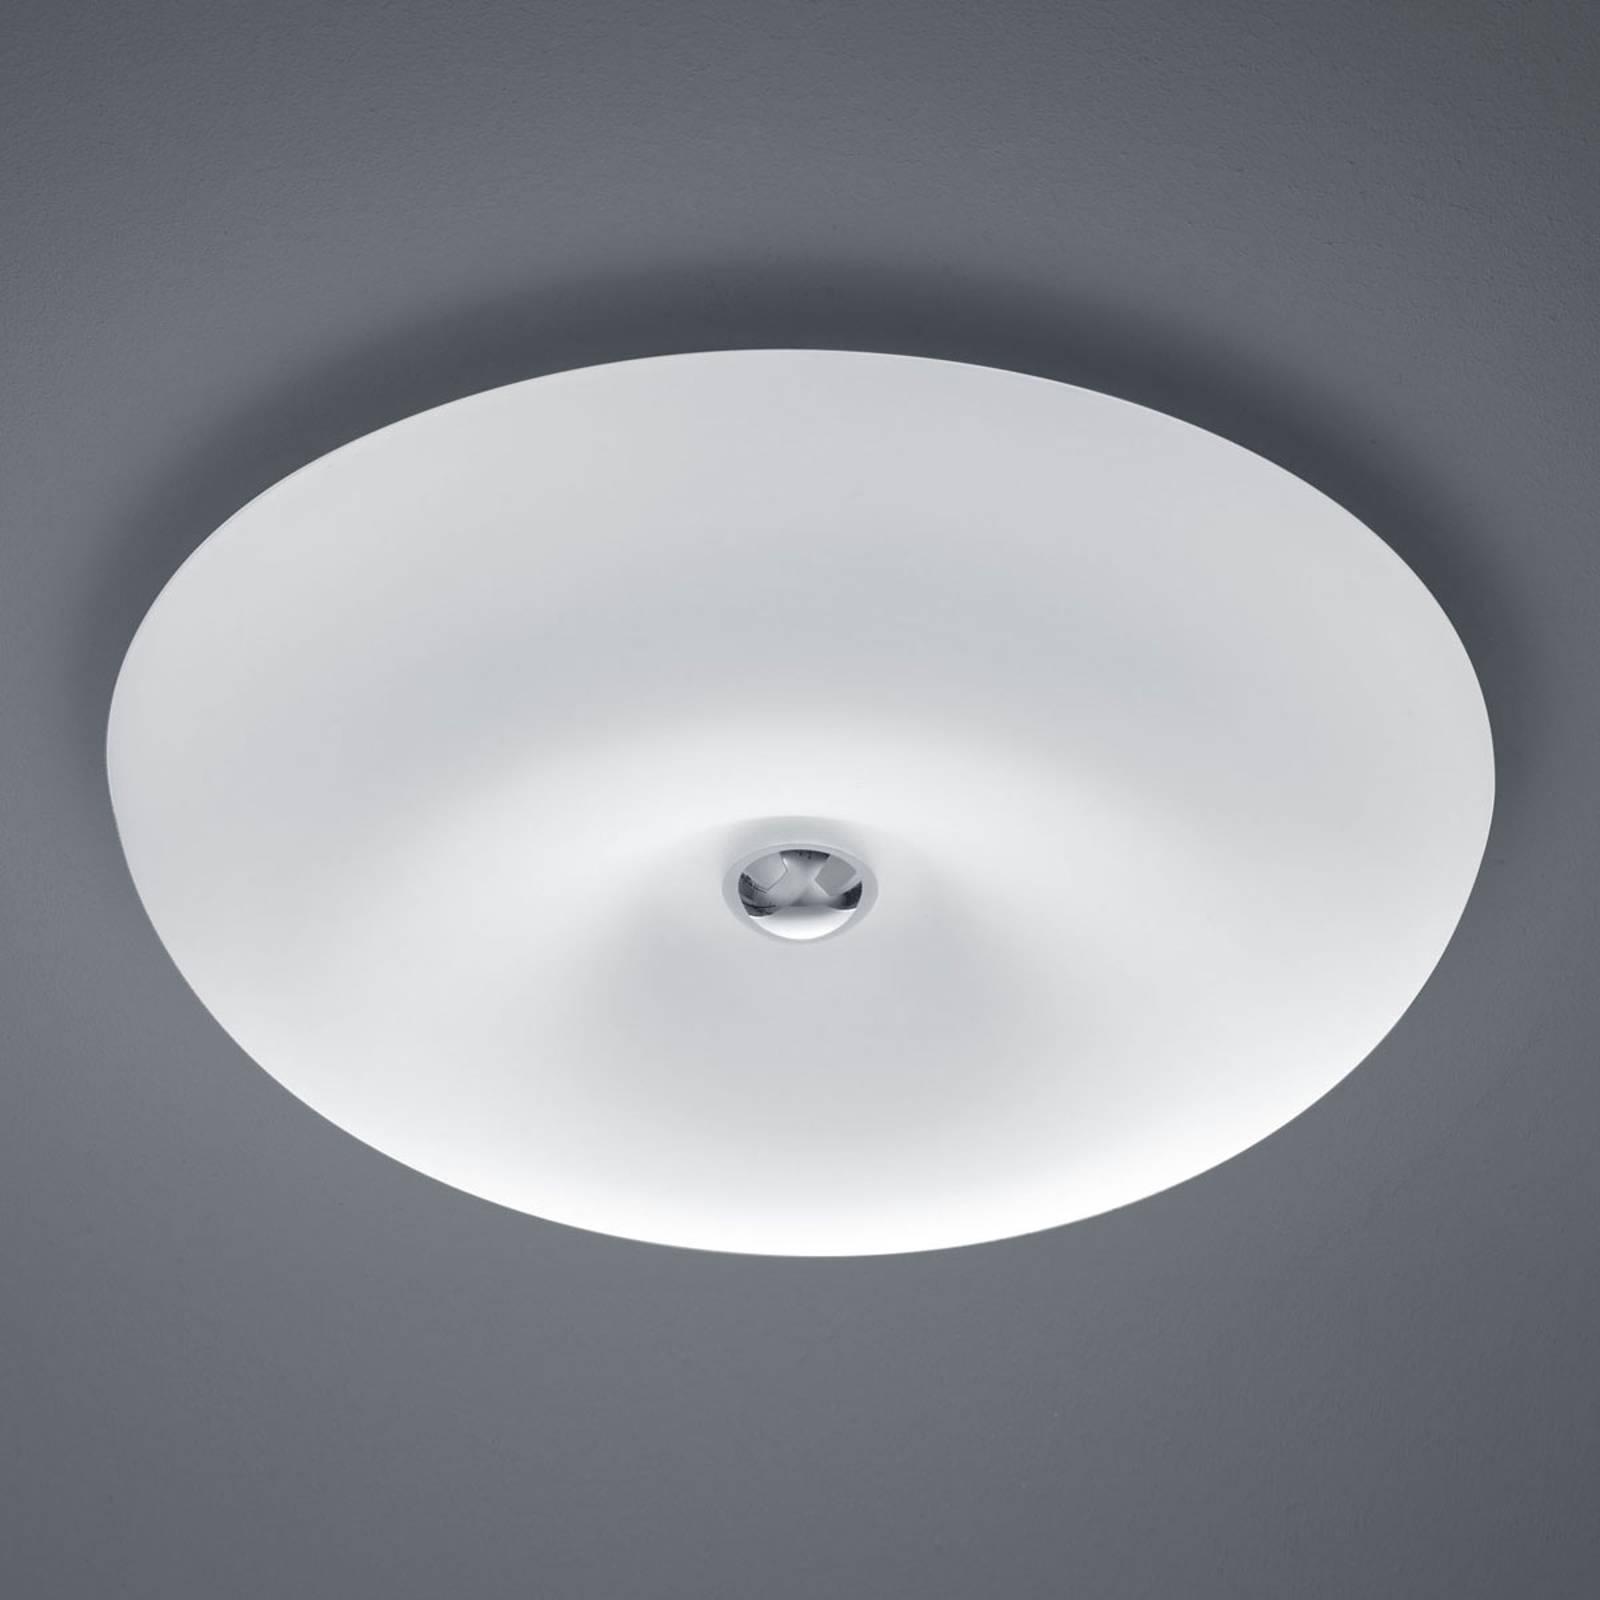 BANKAMP Vanity lasikattovalaisin LED, nikkeli